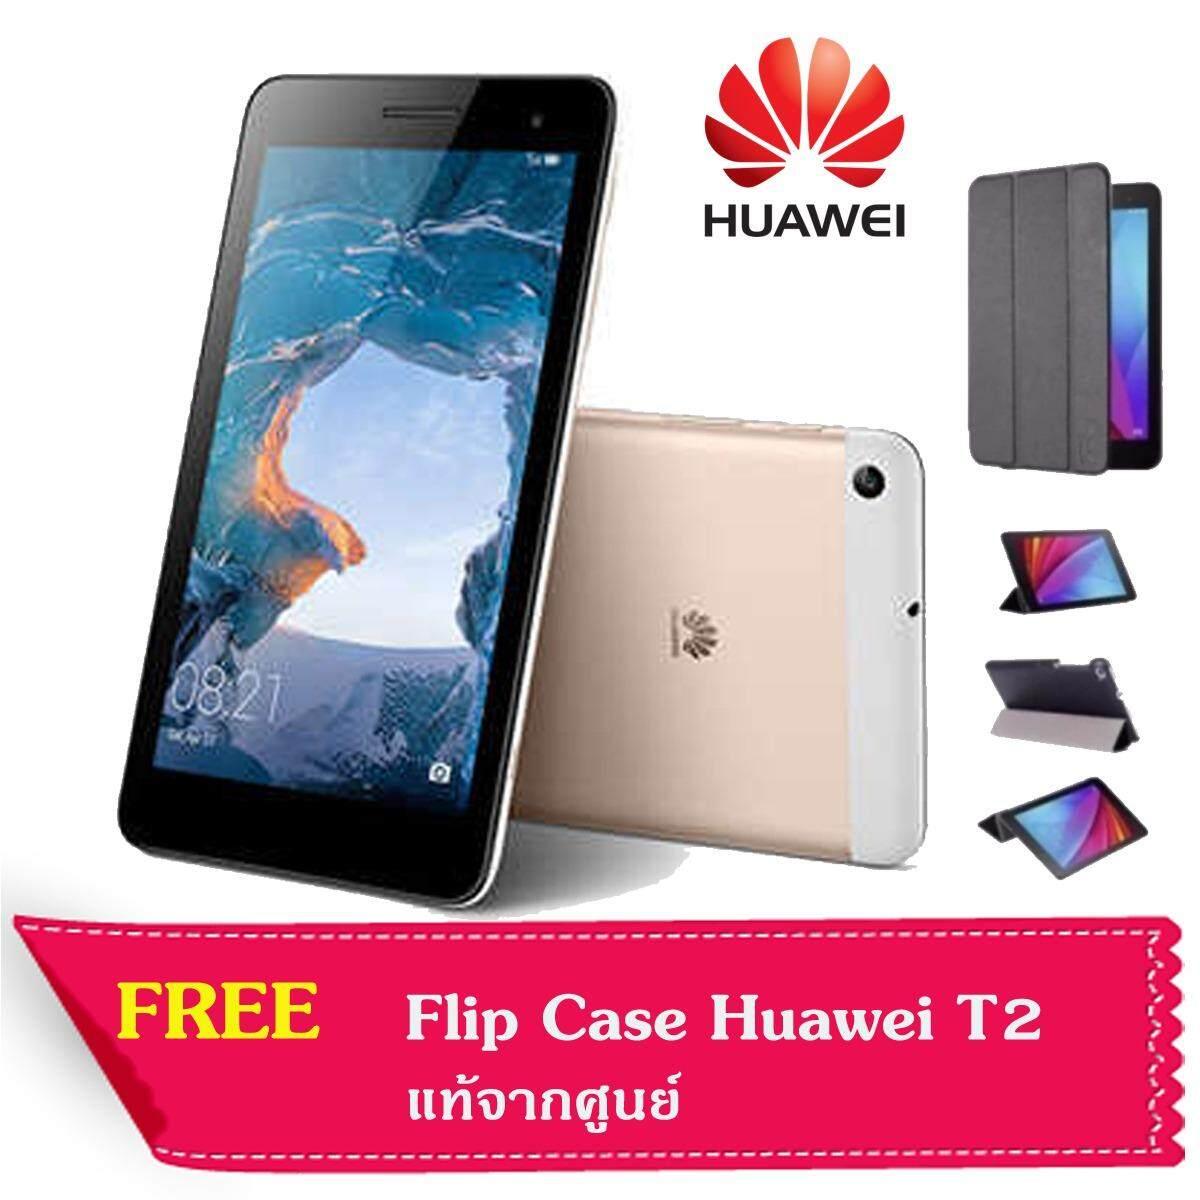 ขาย ซื้อ Huawei Mediapad T2 7 สีchampagne 4G Lte Free Flip Case แท้จากศูนย์